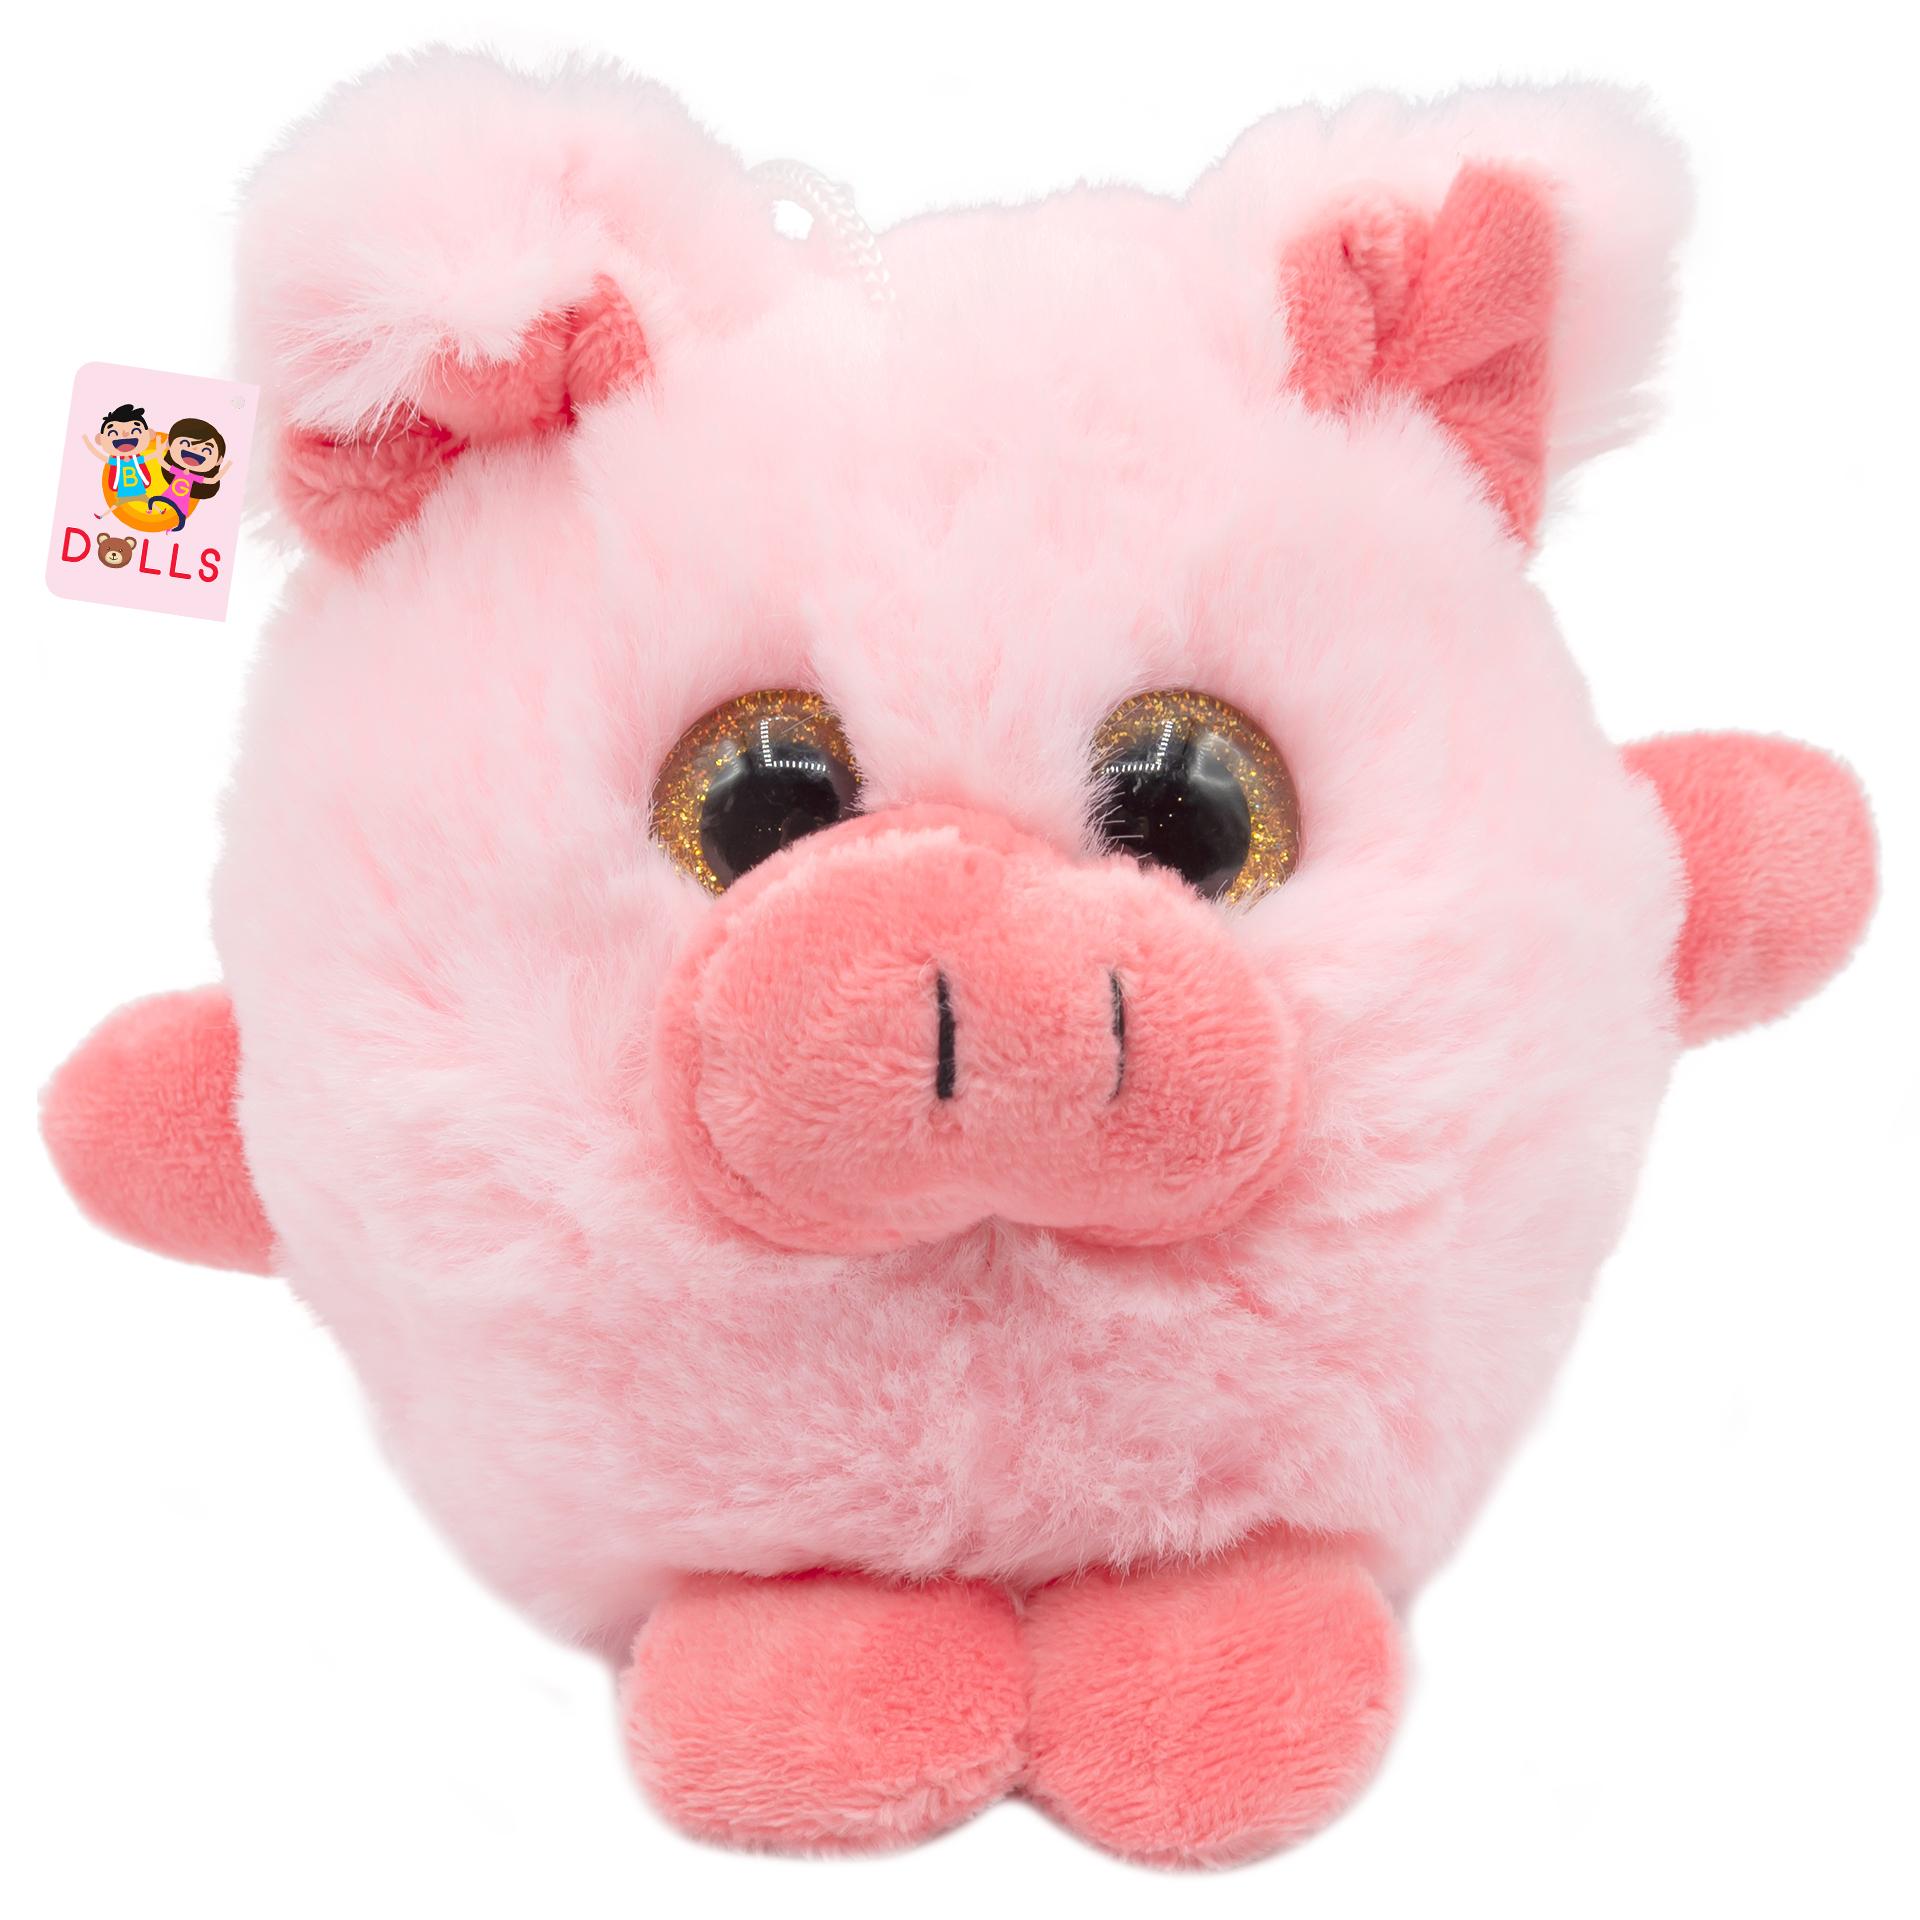 عروسک بی جی دالز طرح خوک مدل Pink pig ارتفاع 12 سانتی متر